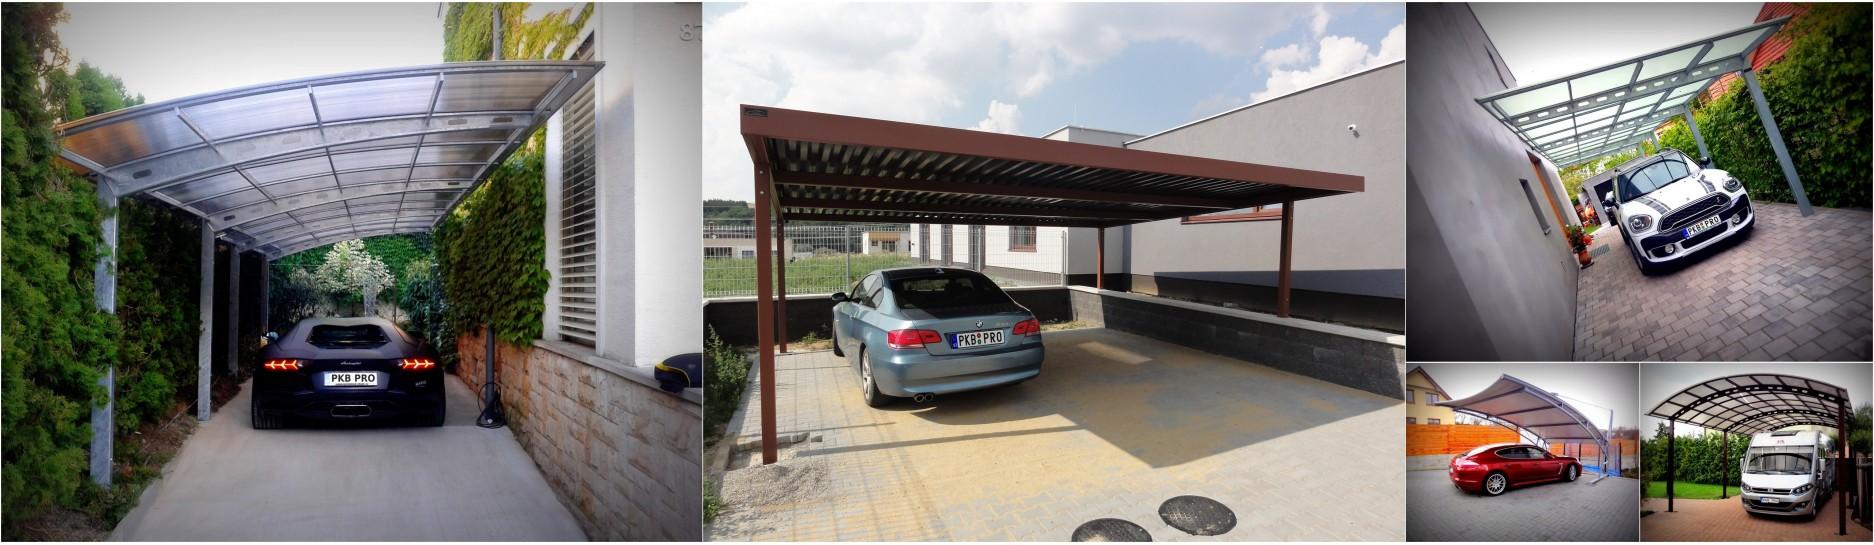 Ocelové i hliníkové přístřešky pro auto, dokonala ochrana vašeho vozu.